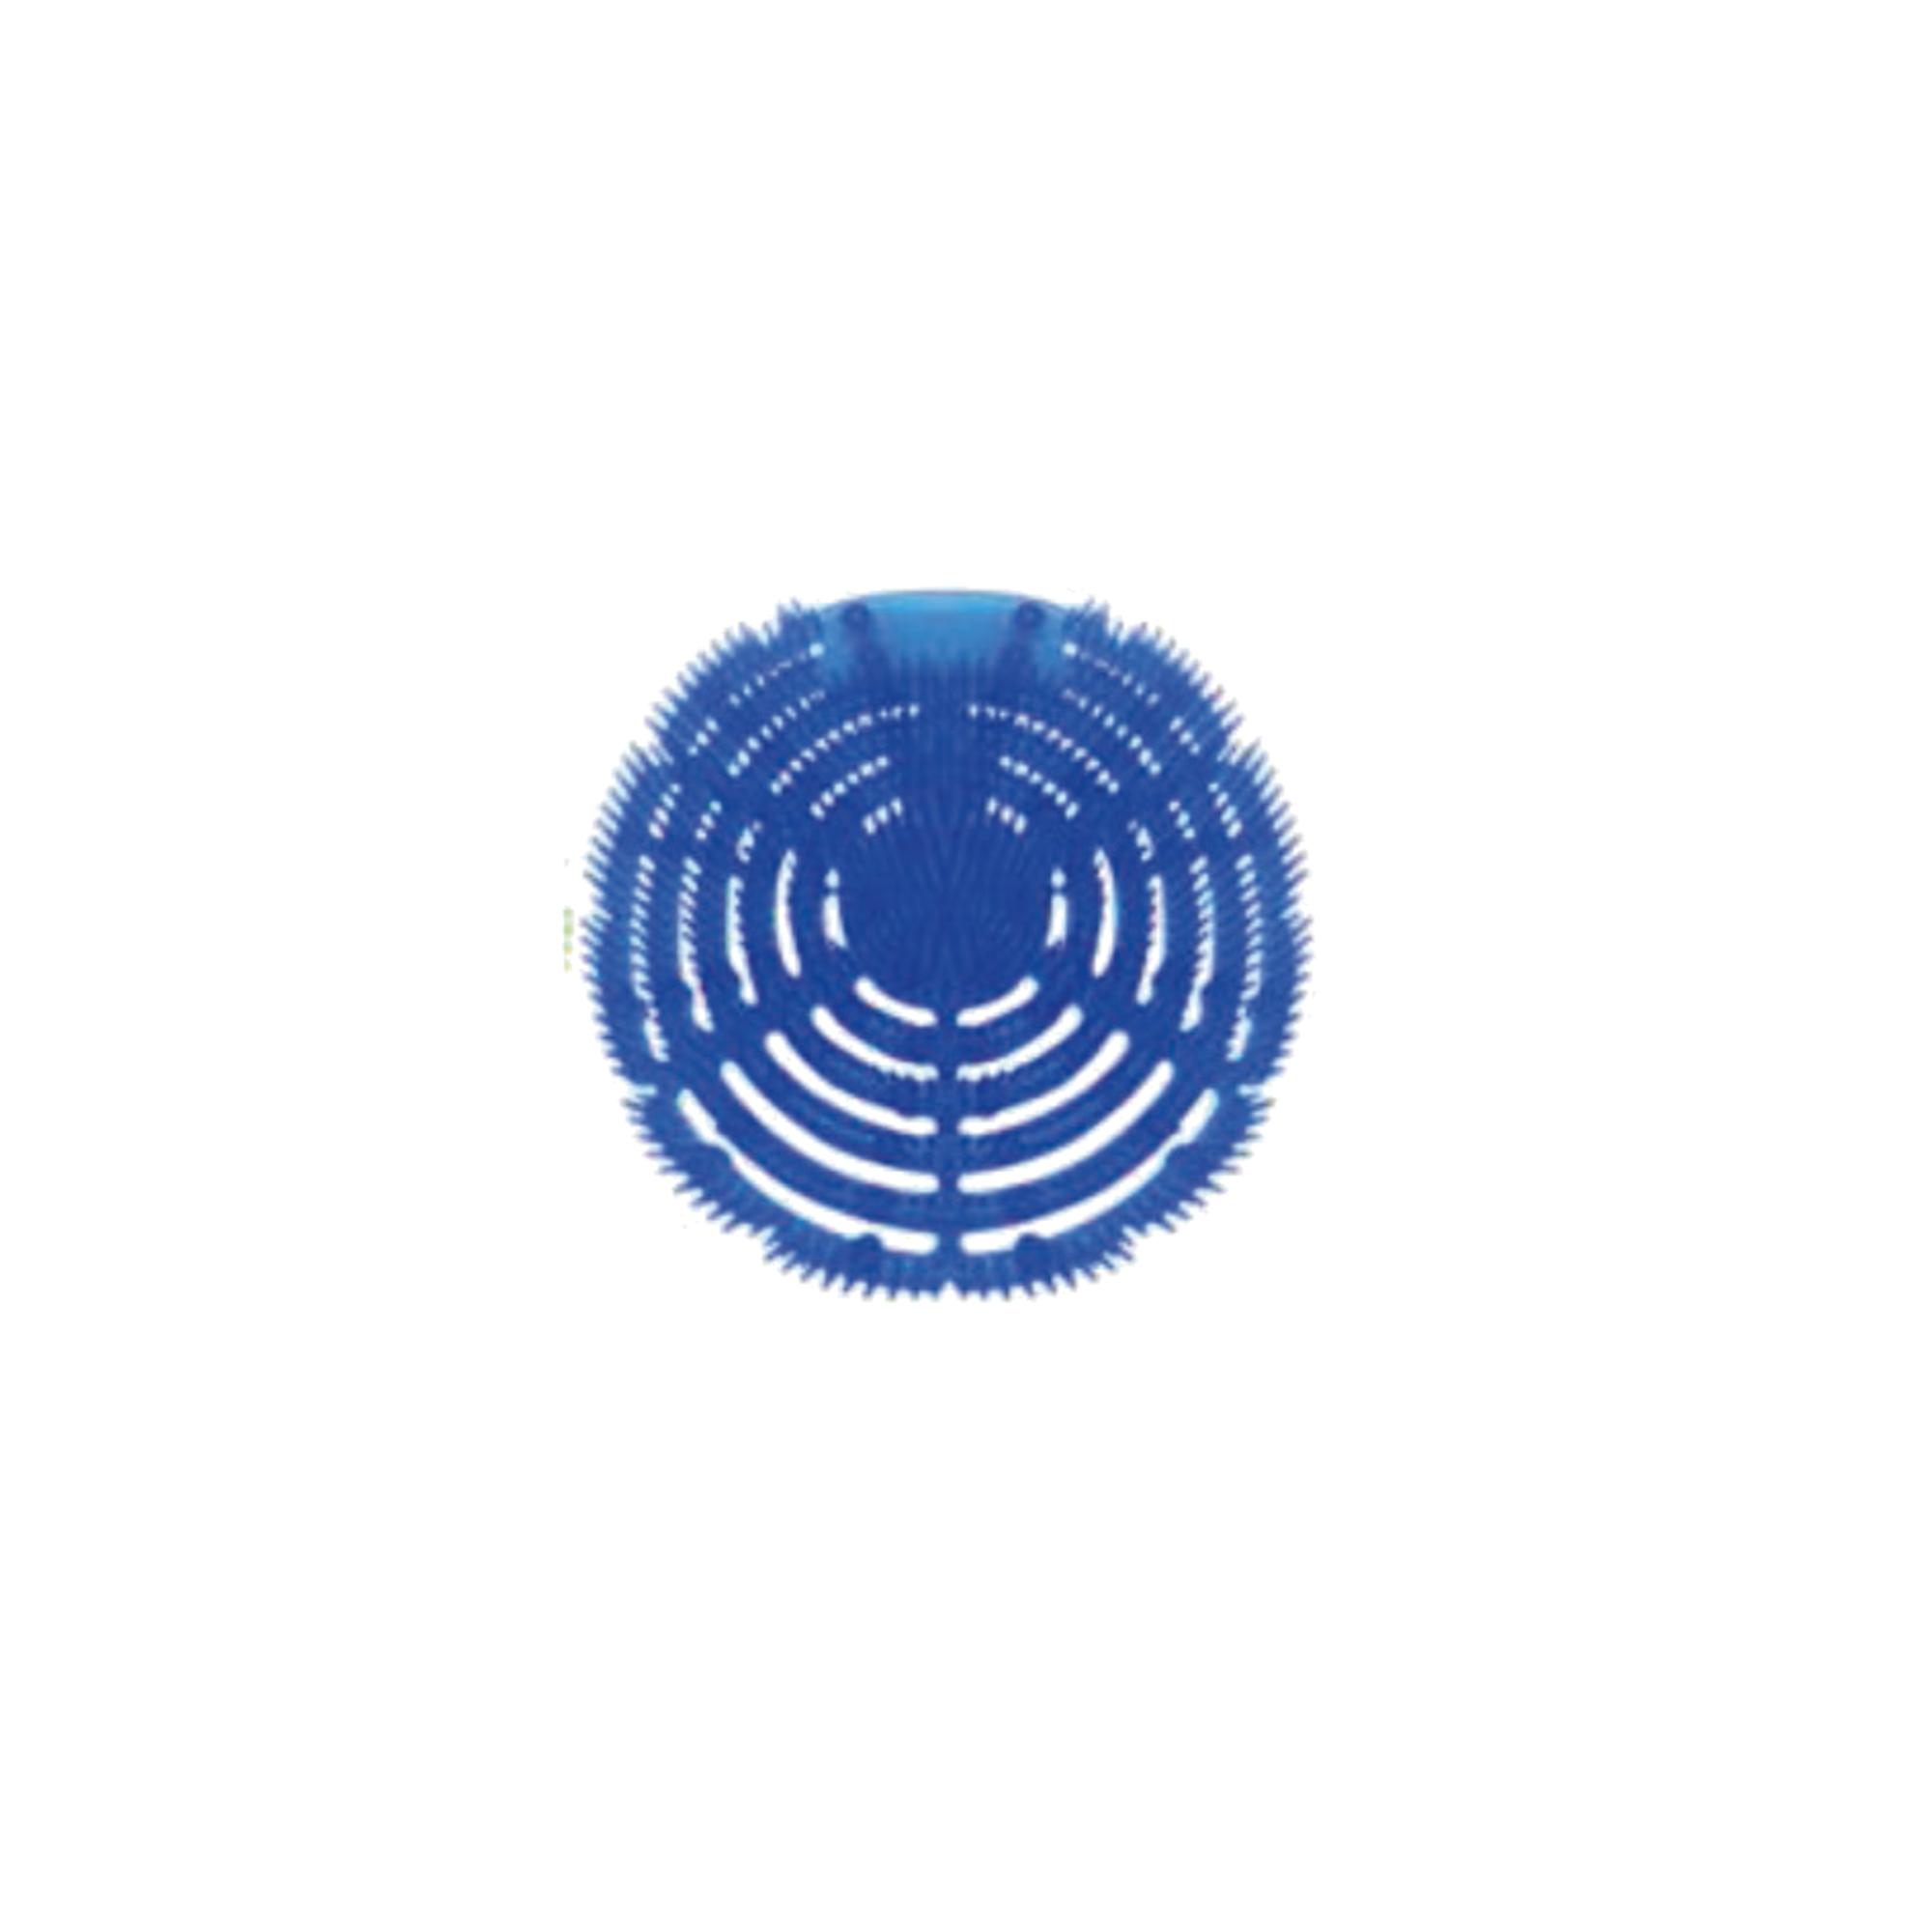 Grille pour Urinoir Professionnels Équipements Hygiène Professionnelle location-entretien